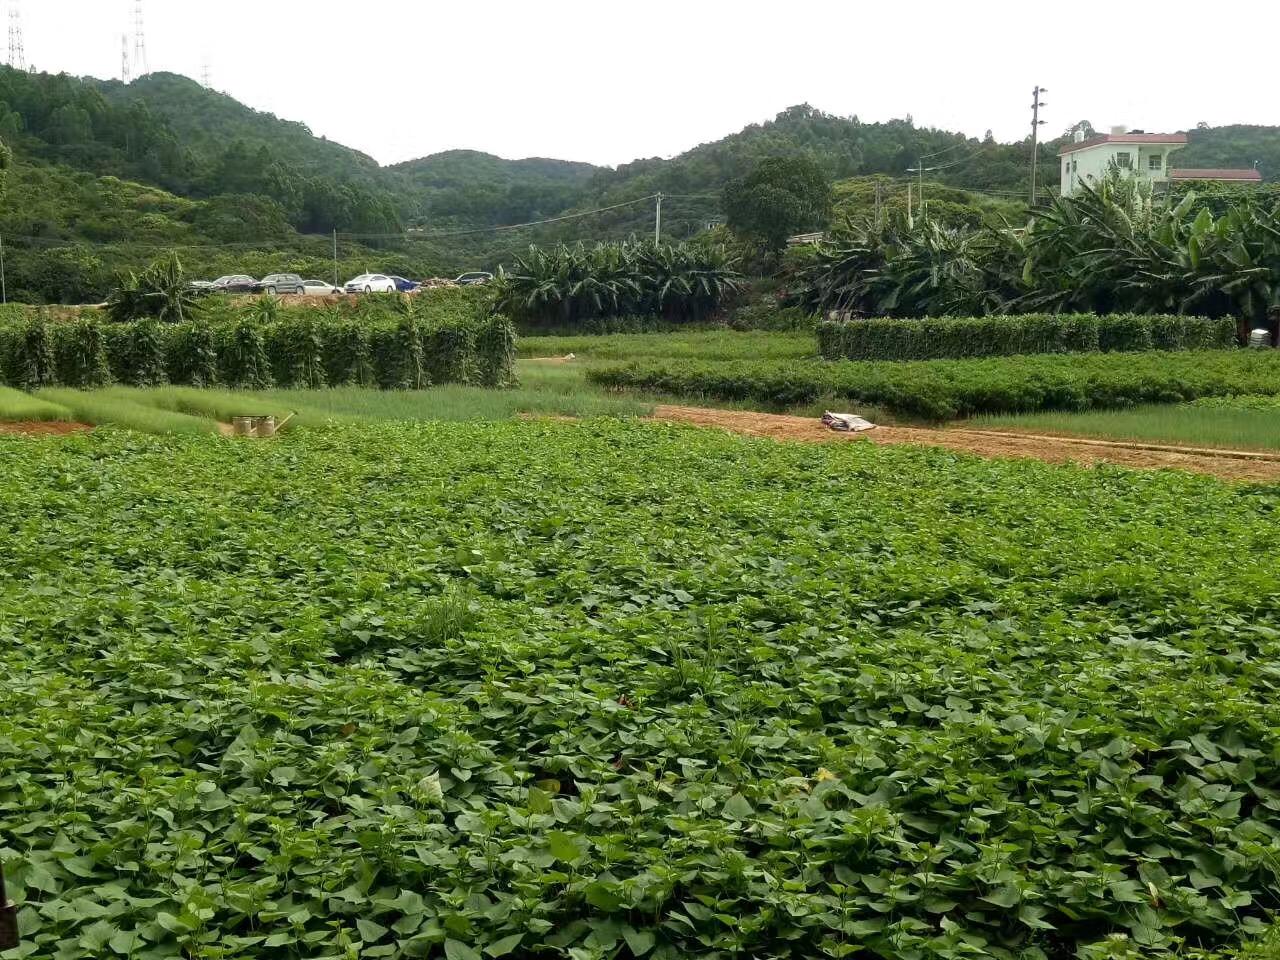 深圳周边农家乐松岗菜博士农场环境图片